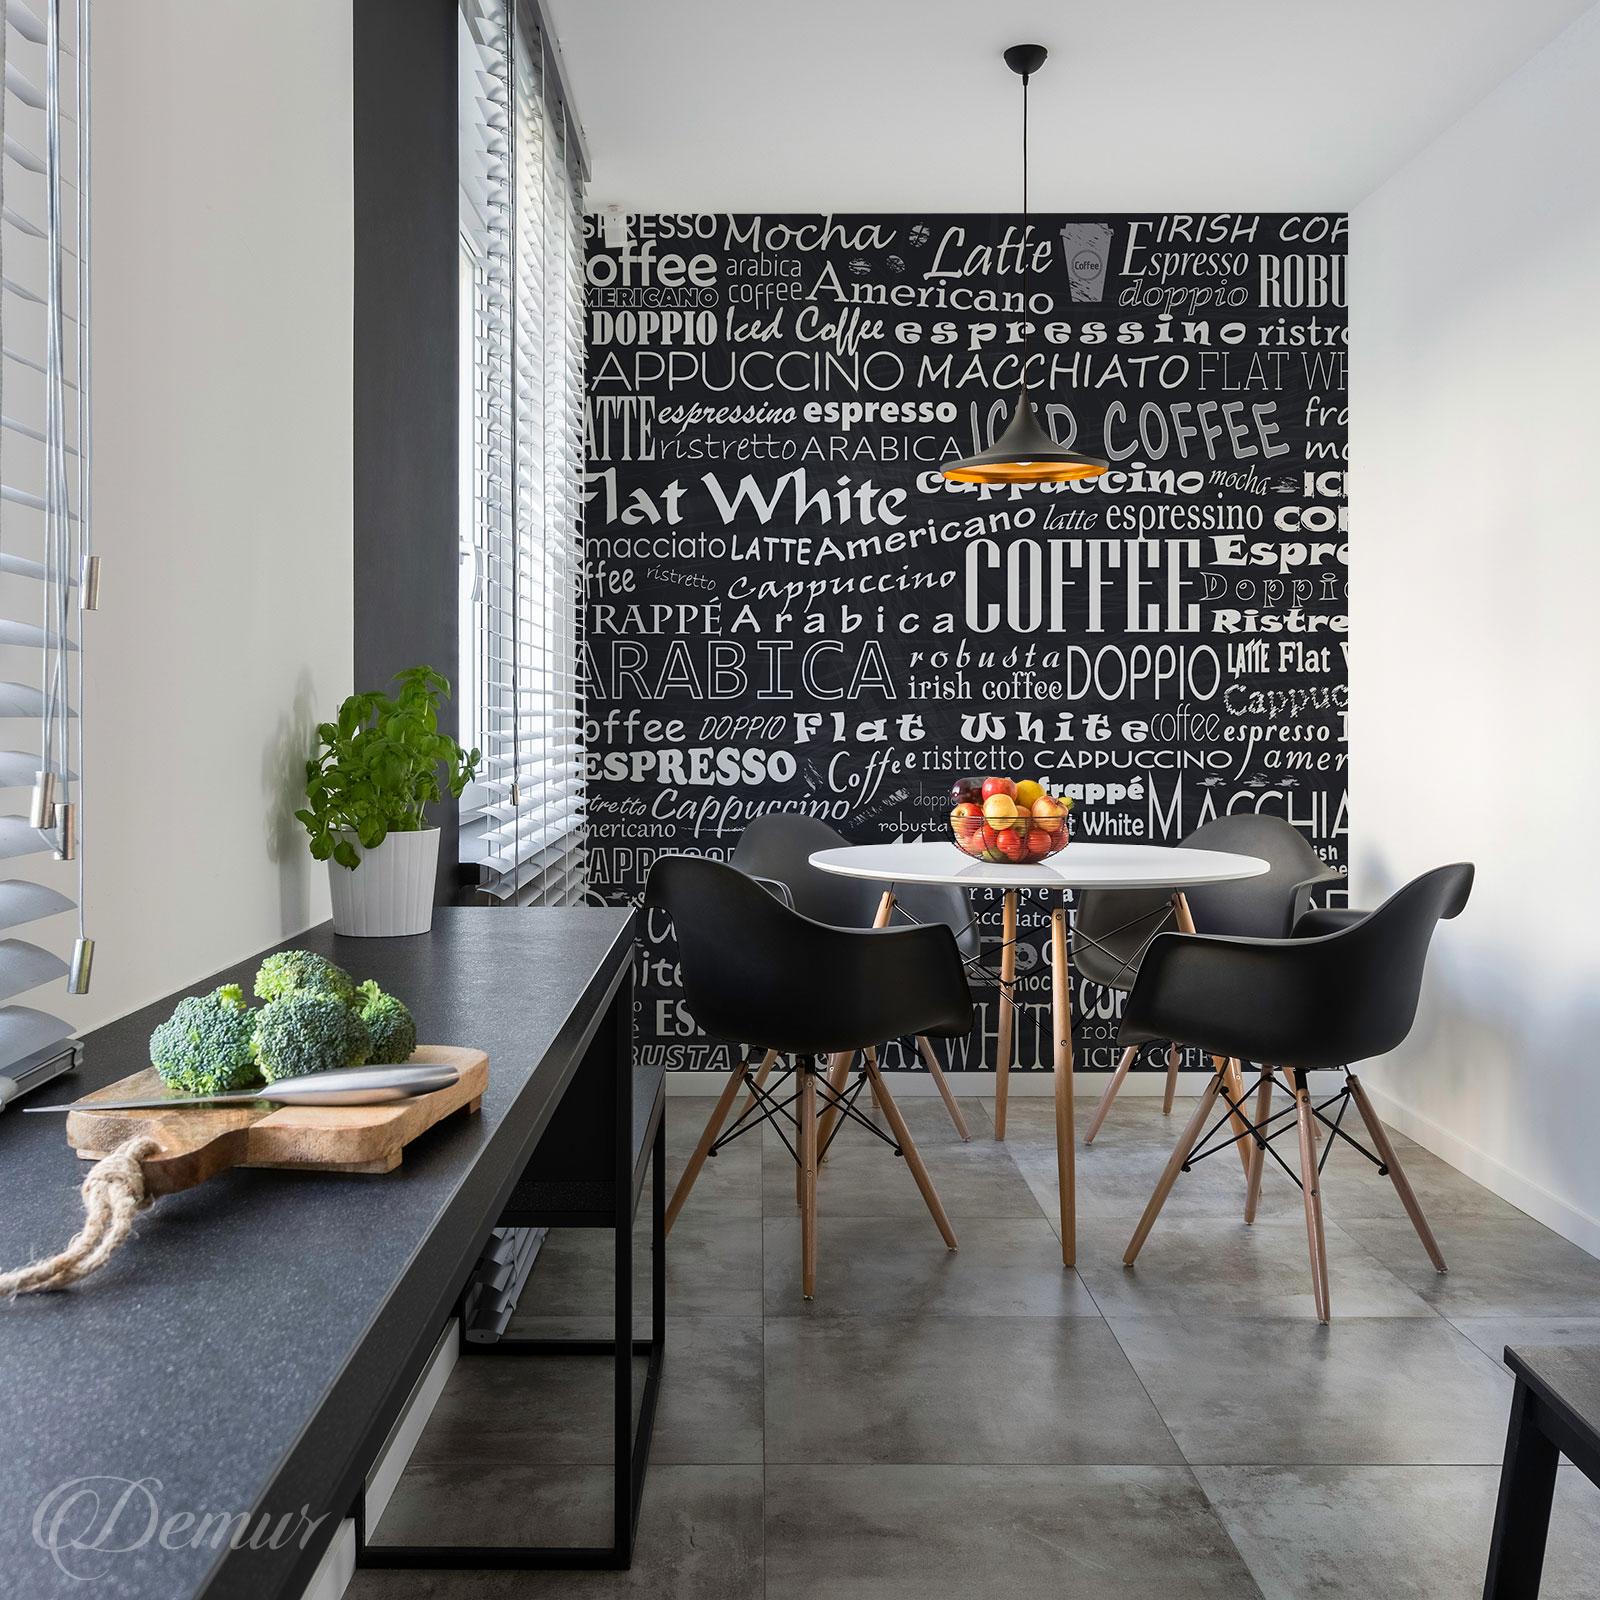 Fototapeta Nazwy Kawy - Pomysł na ścianę z napisami - Demur